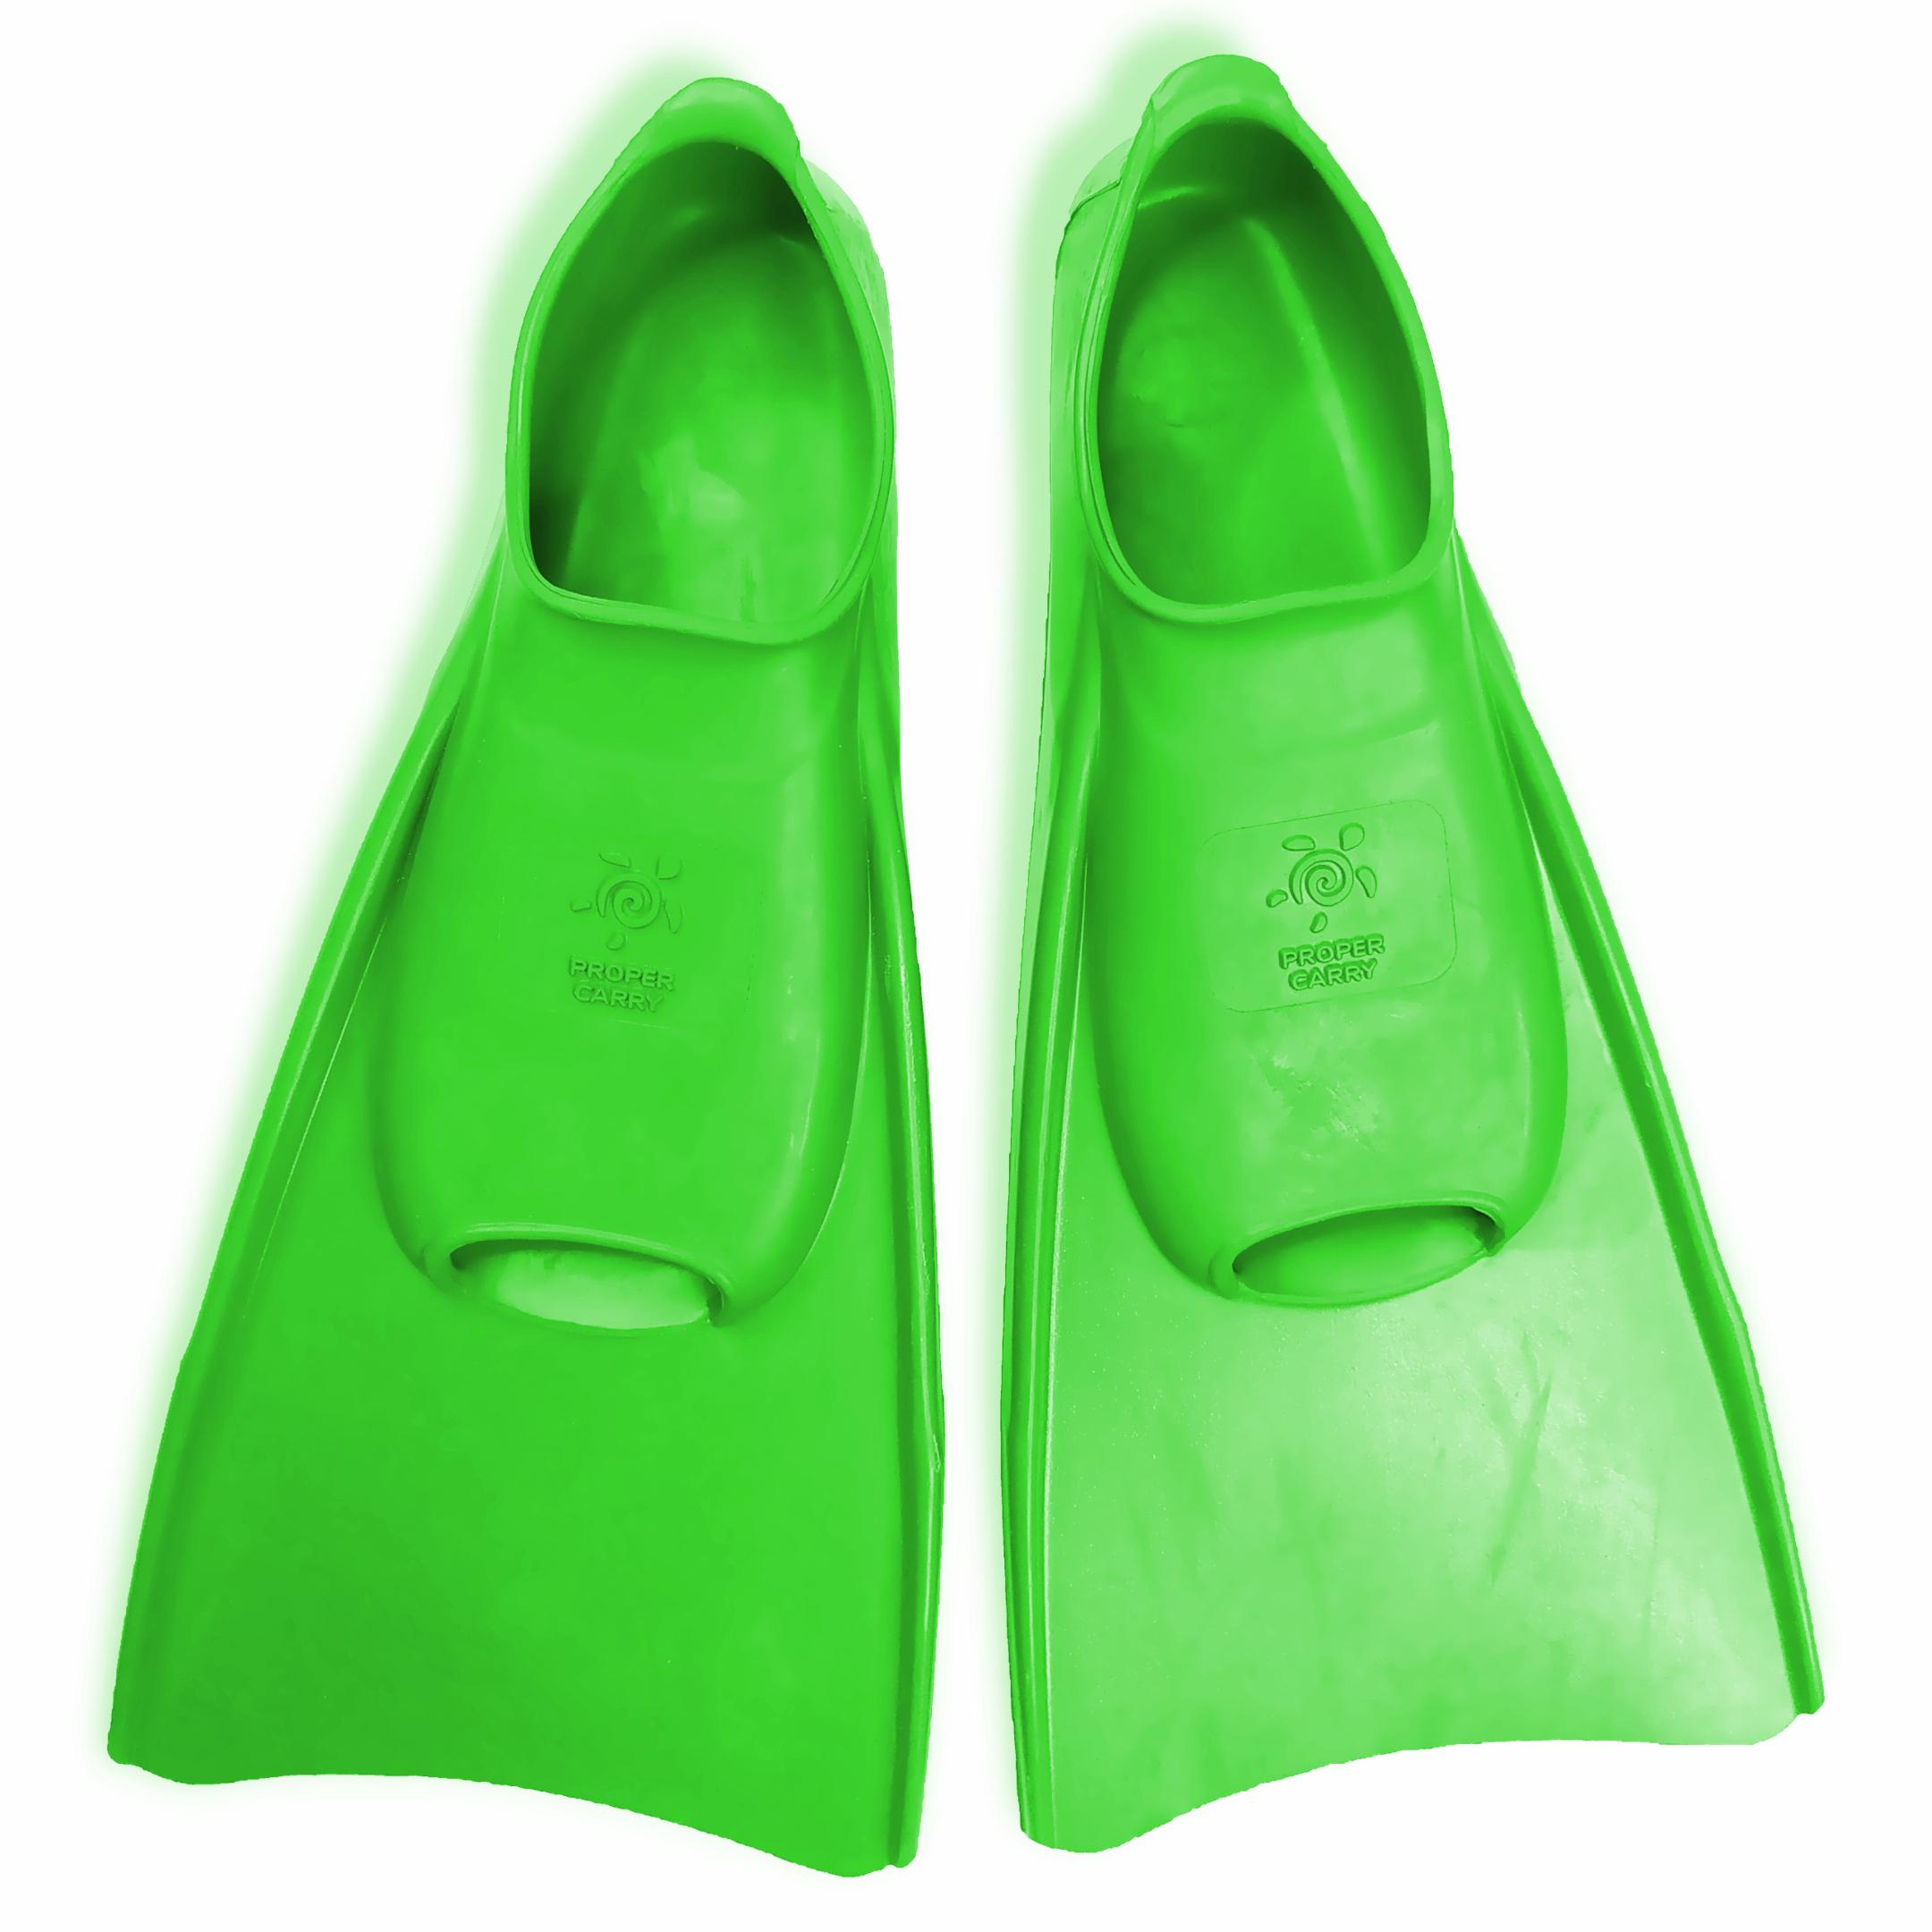 Детские ласты для плавания Proper-Carry тренировочные р. 29-30, 31-32, 33-34, 35-36, 37-38, 39-40, - фото 3